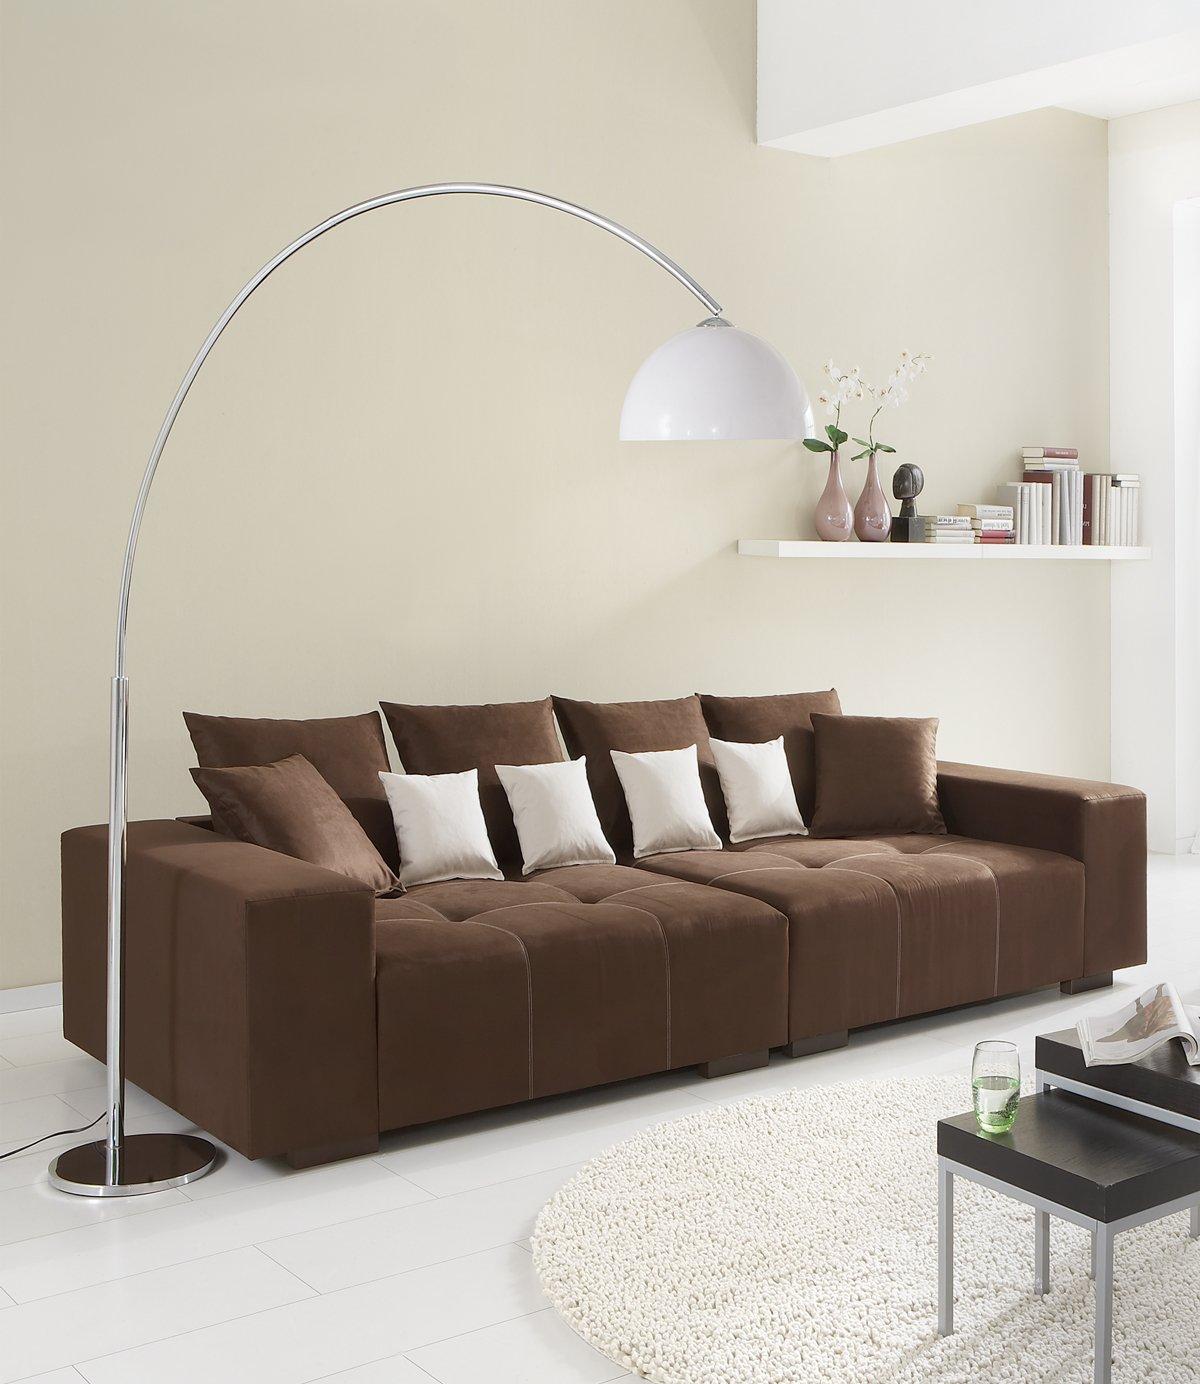 Polstermöbel Färben big sofa 260 made in germany bezug alcatex noble freie